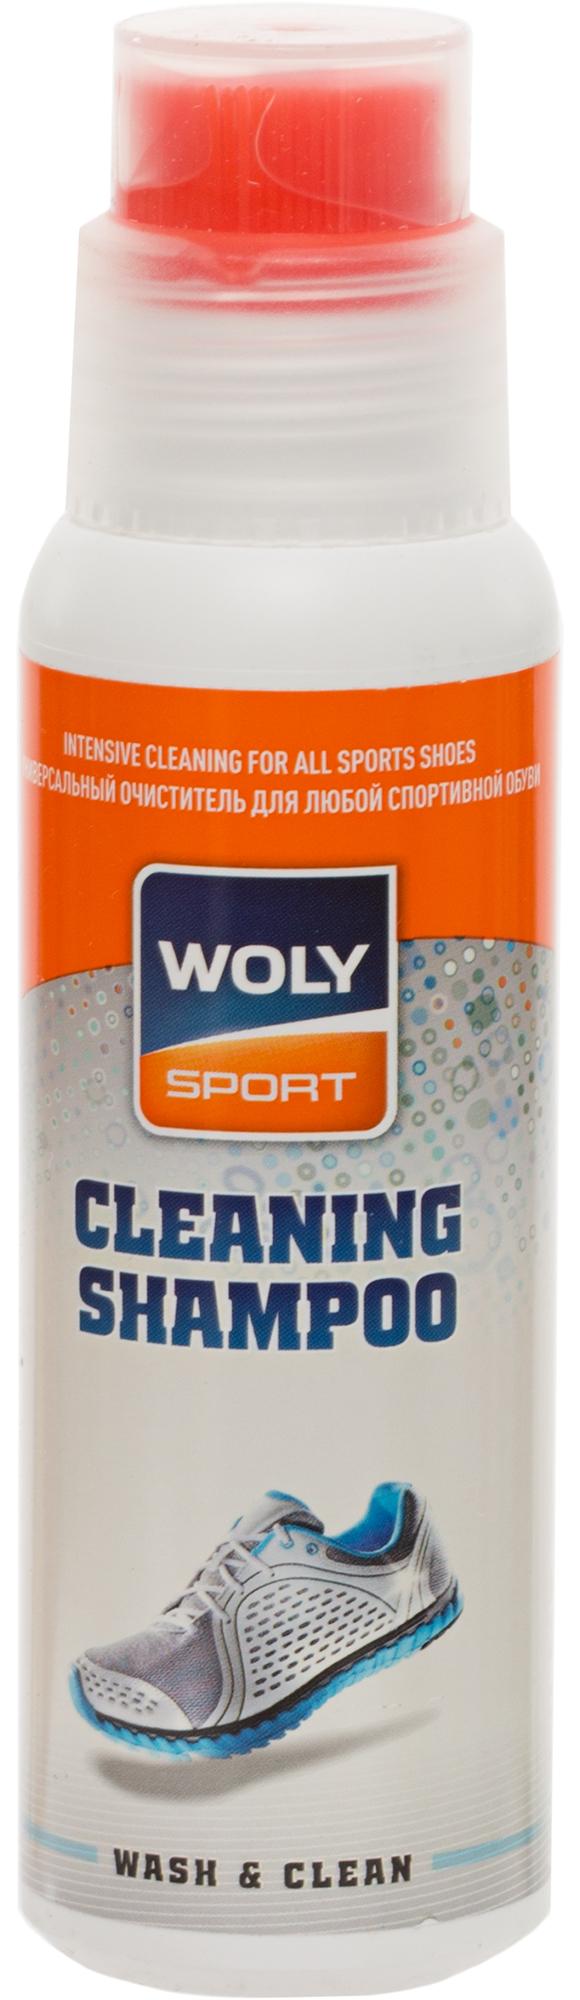 Woly Универсальный очиститель для спортивной обуви Sport, 200 мл